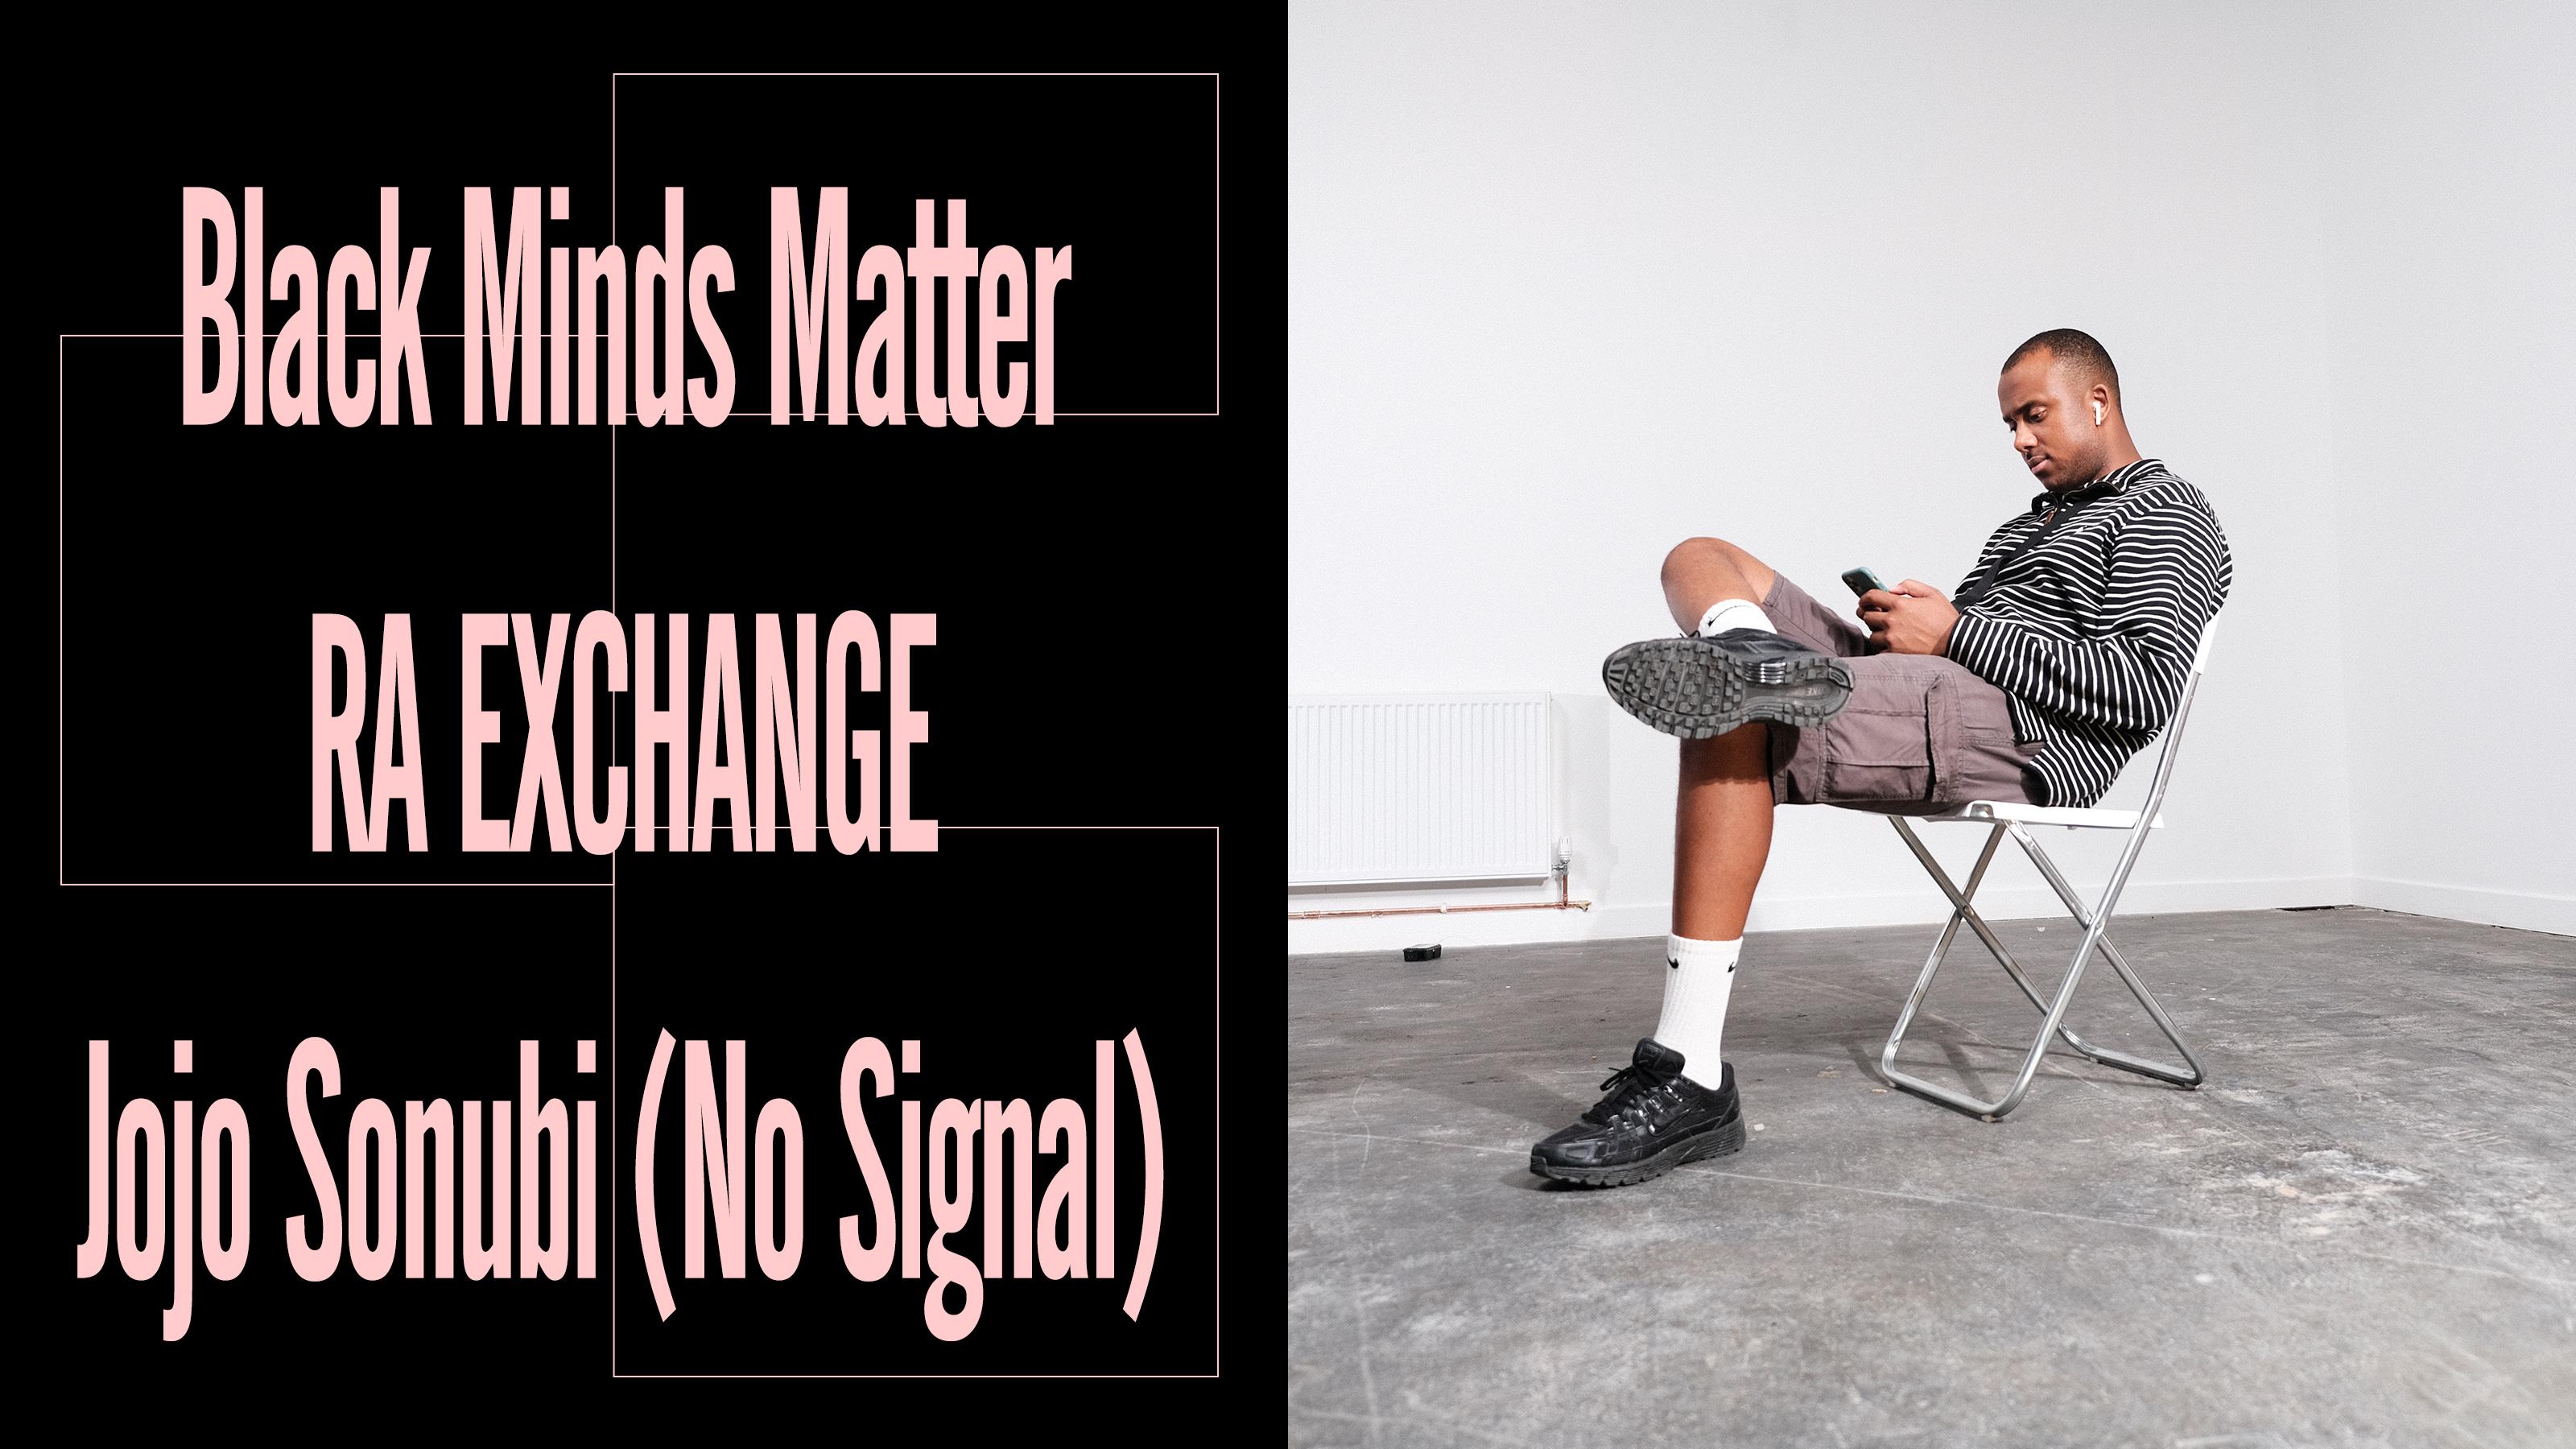 Black Minds Matter UK x RA Exchange: Jojo Sonubi (No Signal)